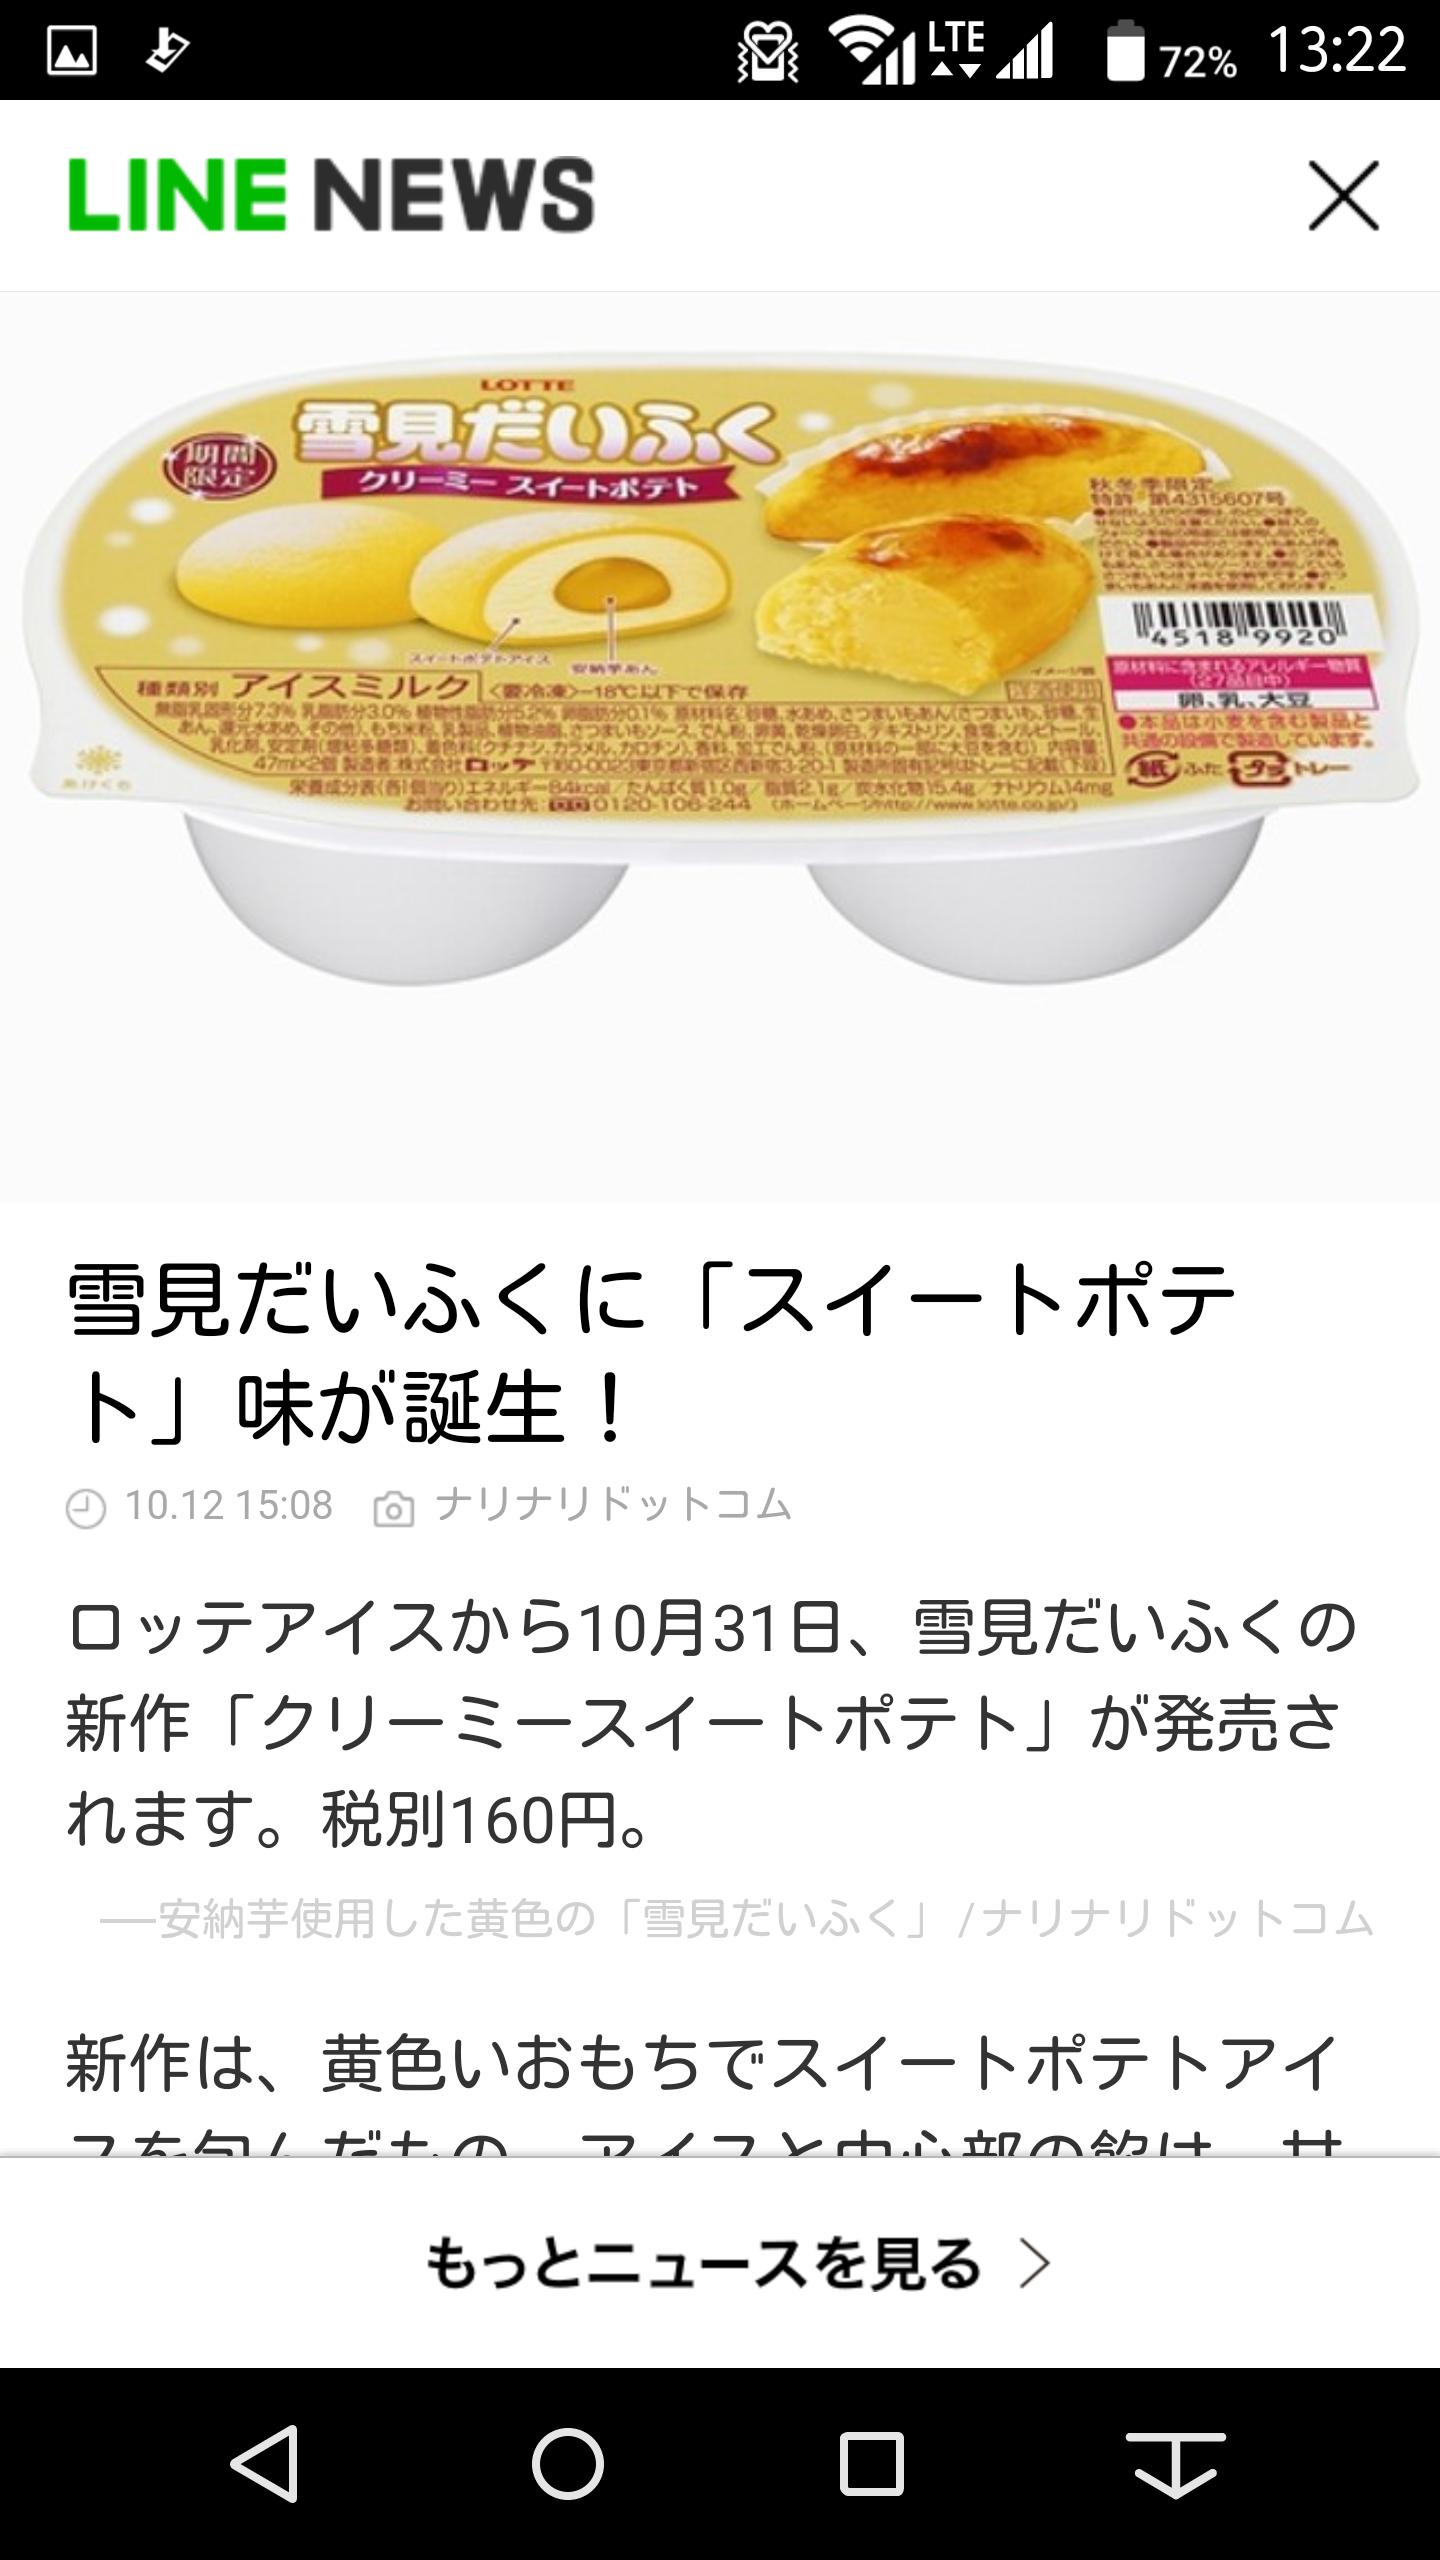 オススメの新発売の商品!